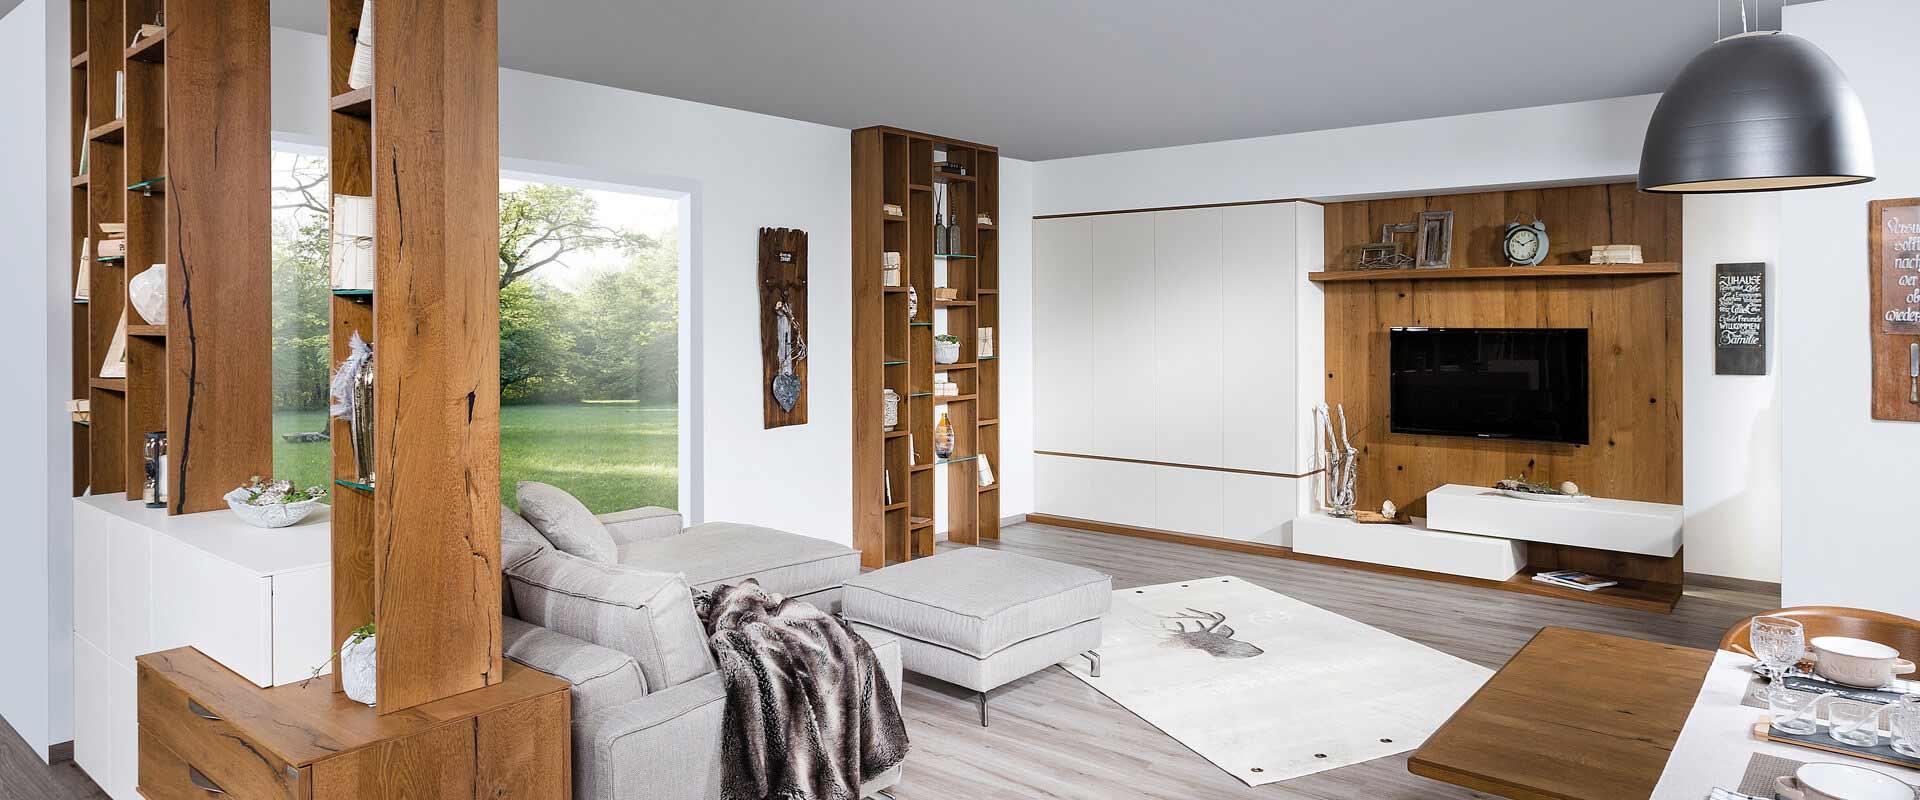 Obývací pokoje | living